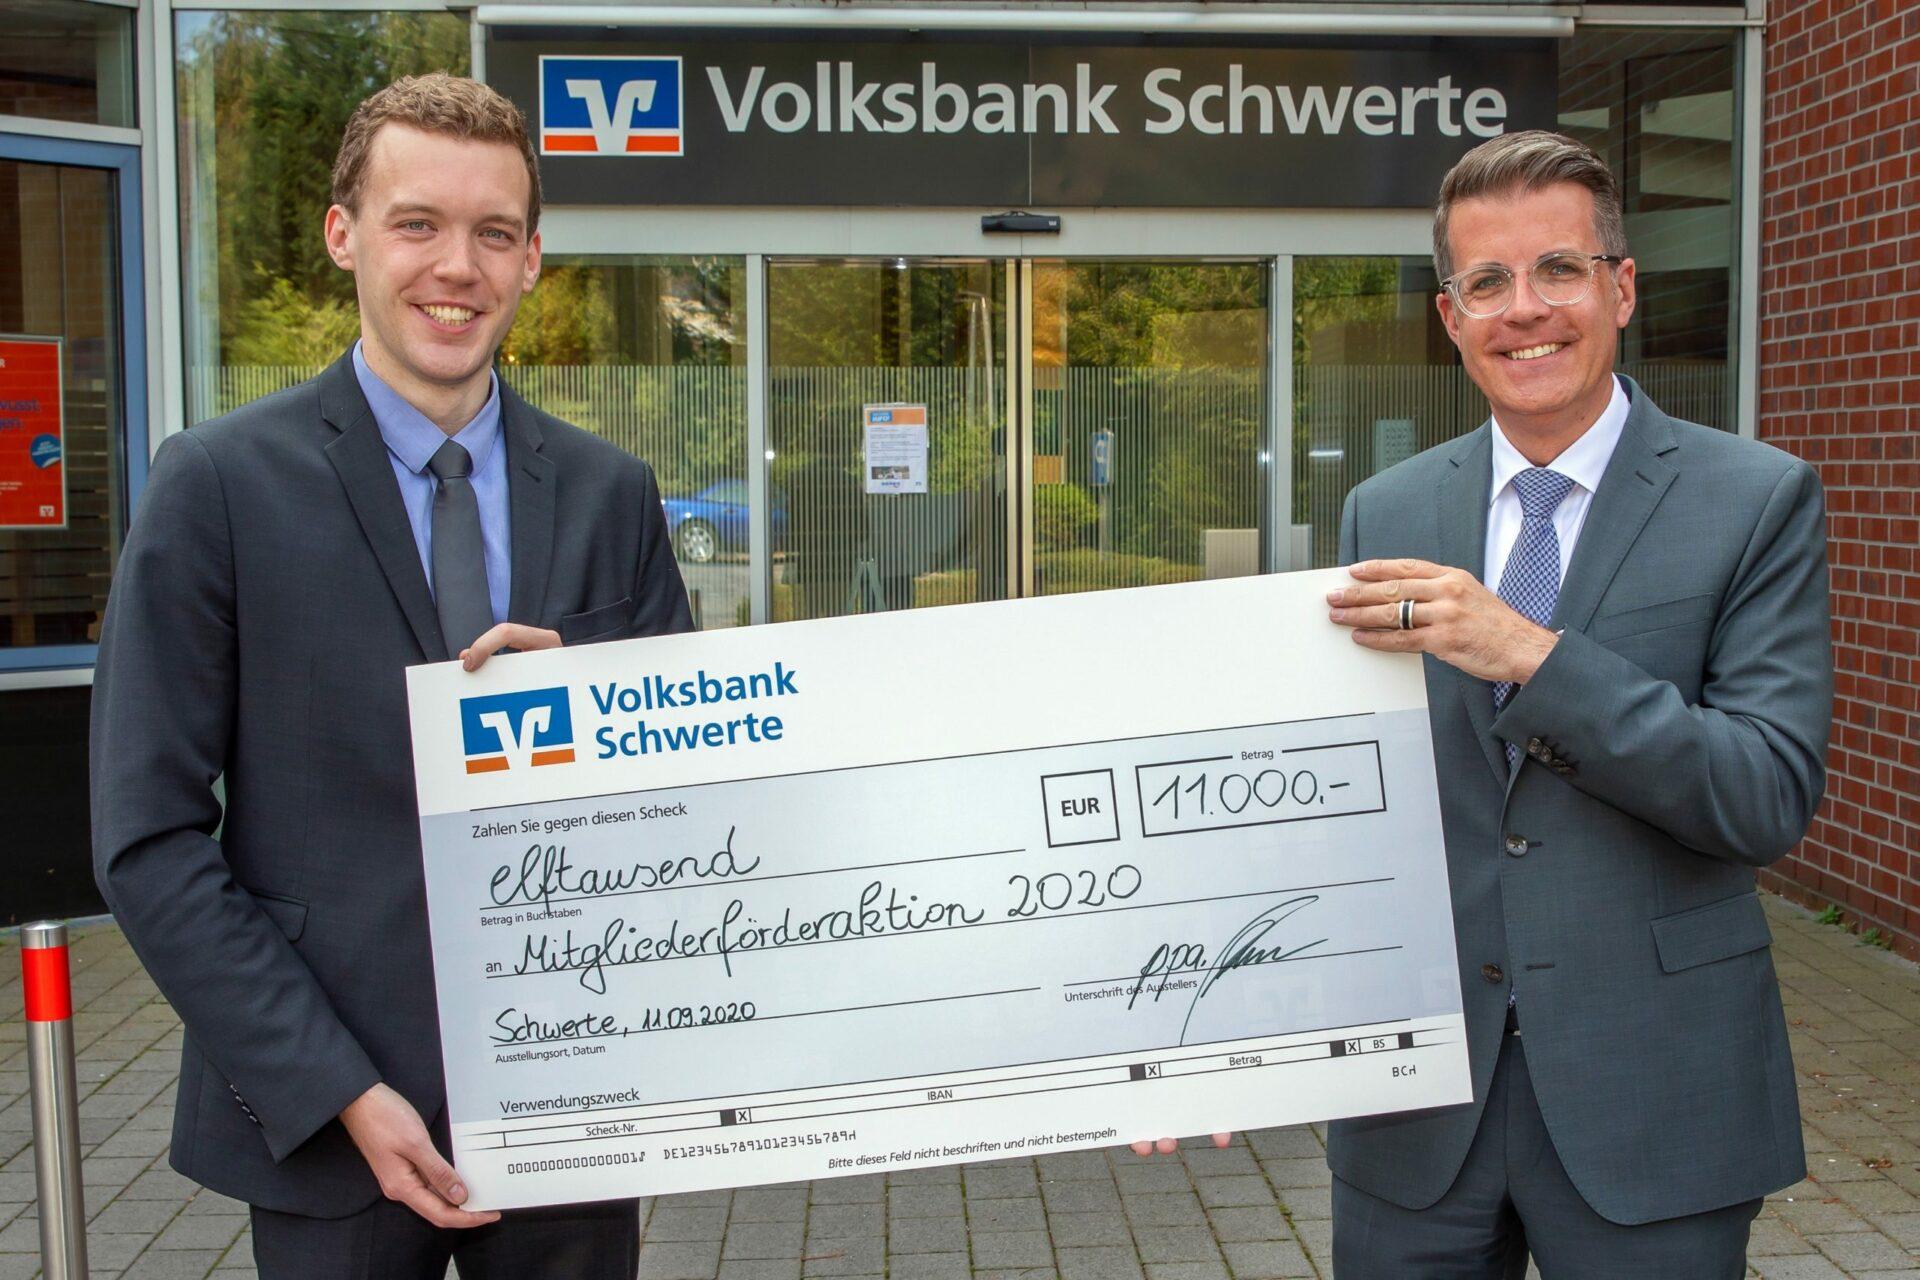 Mitgliederförderaktion: Volksbank spendet 11.000 Euro